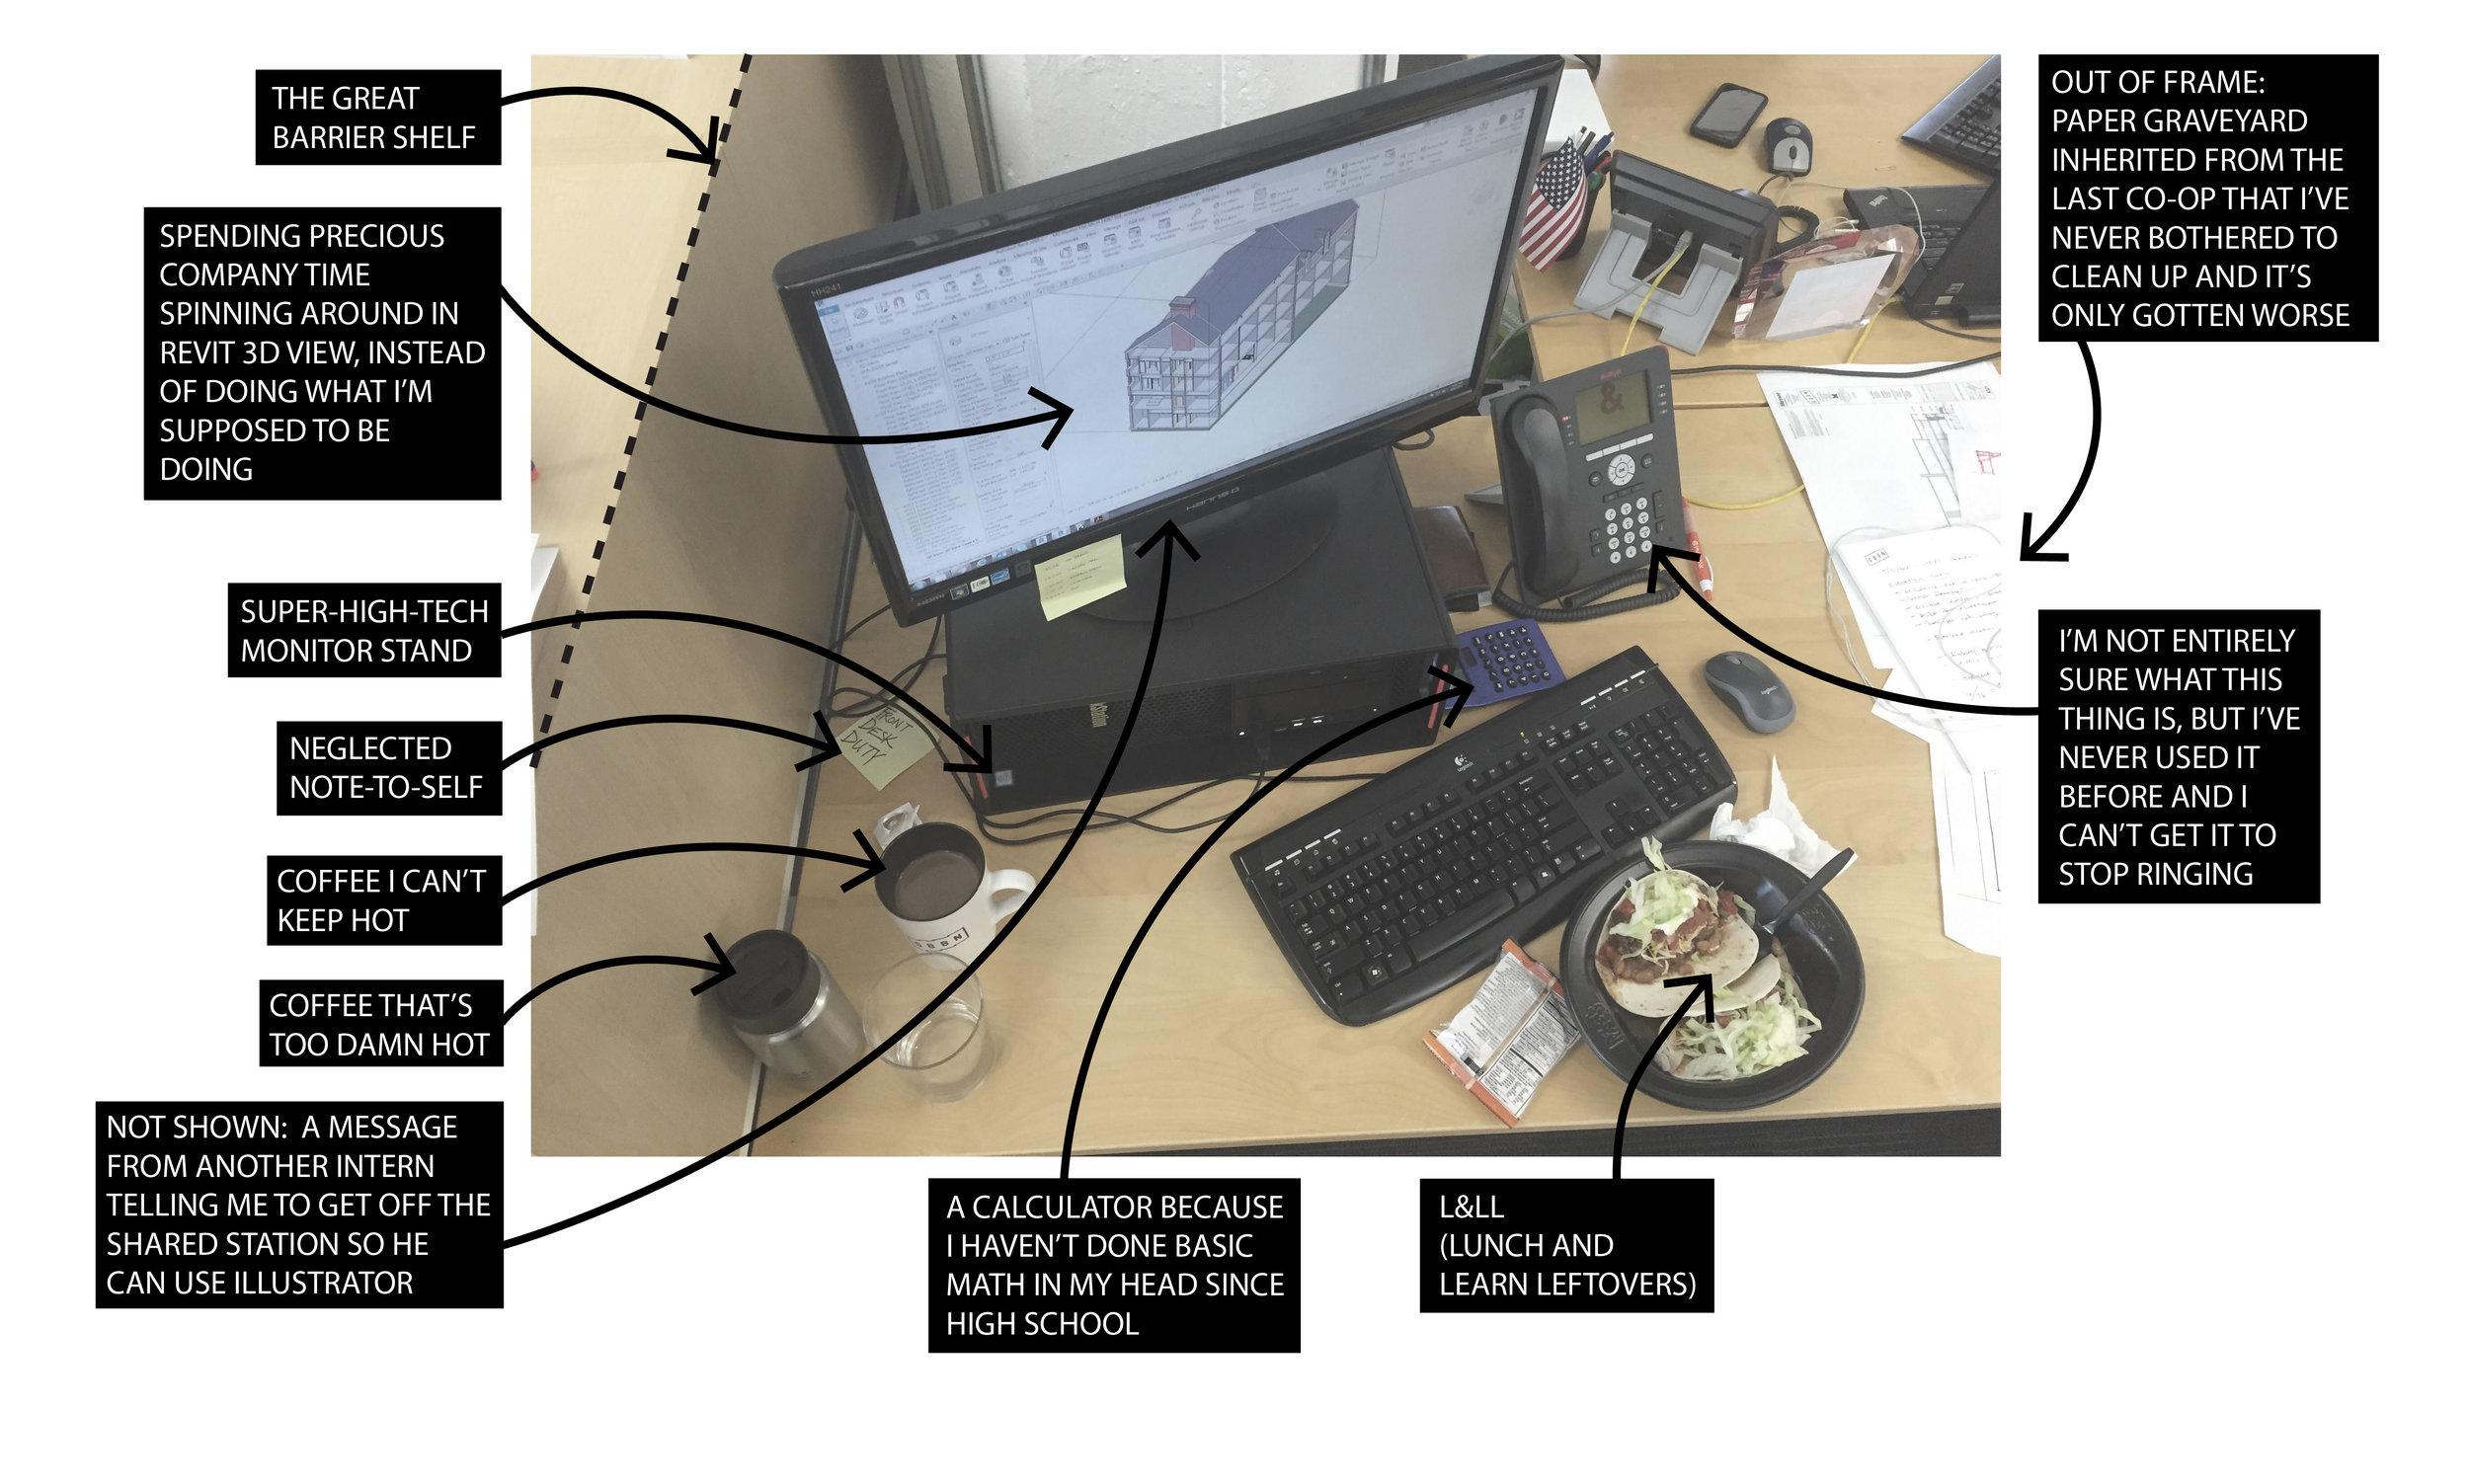 NotesfromaClutteredDesk_ASC.jpg